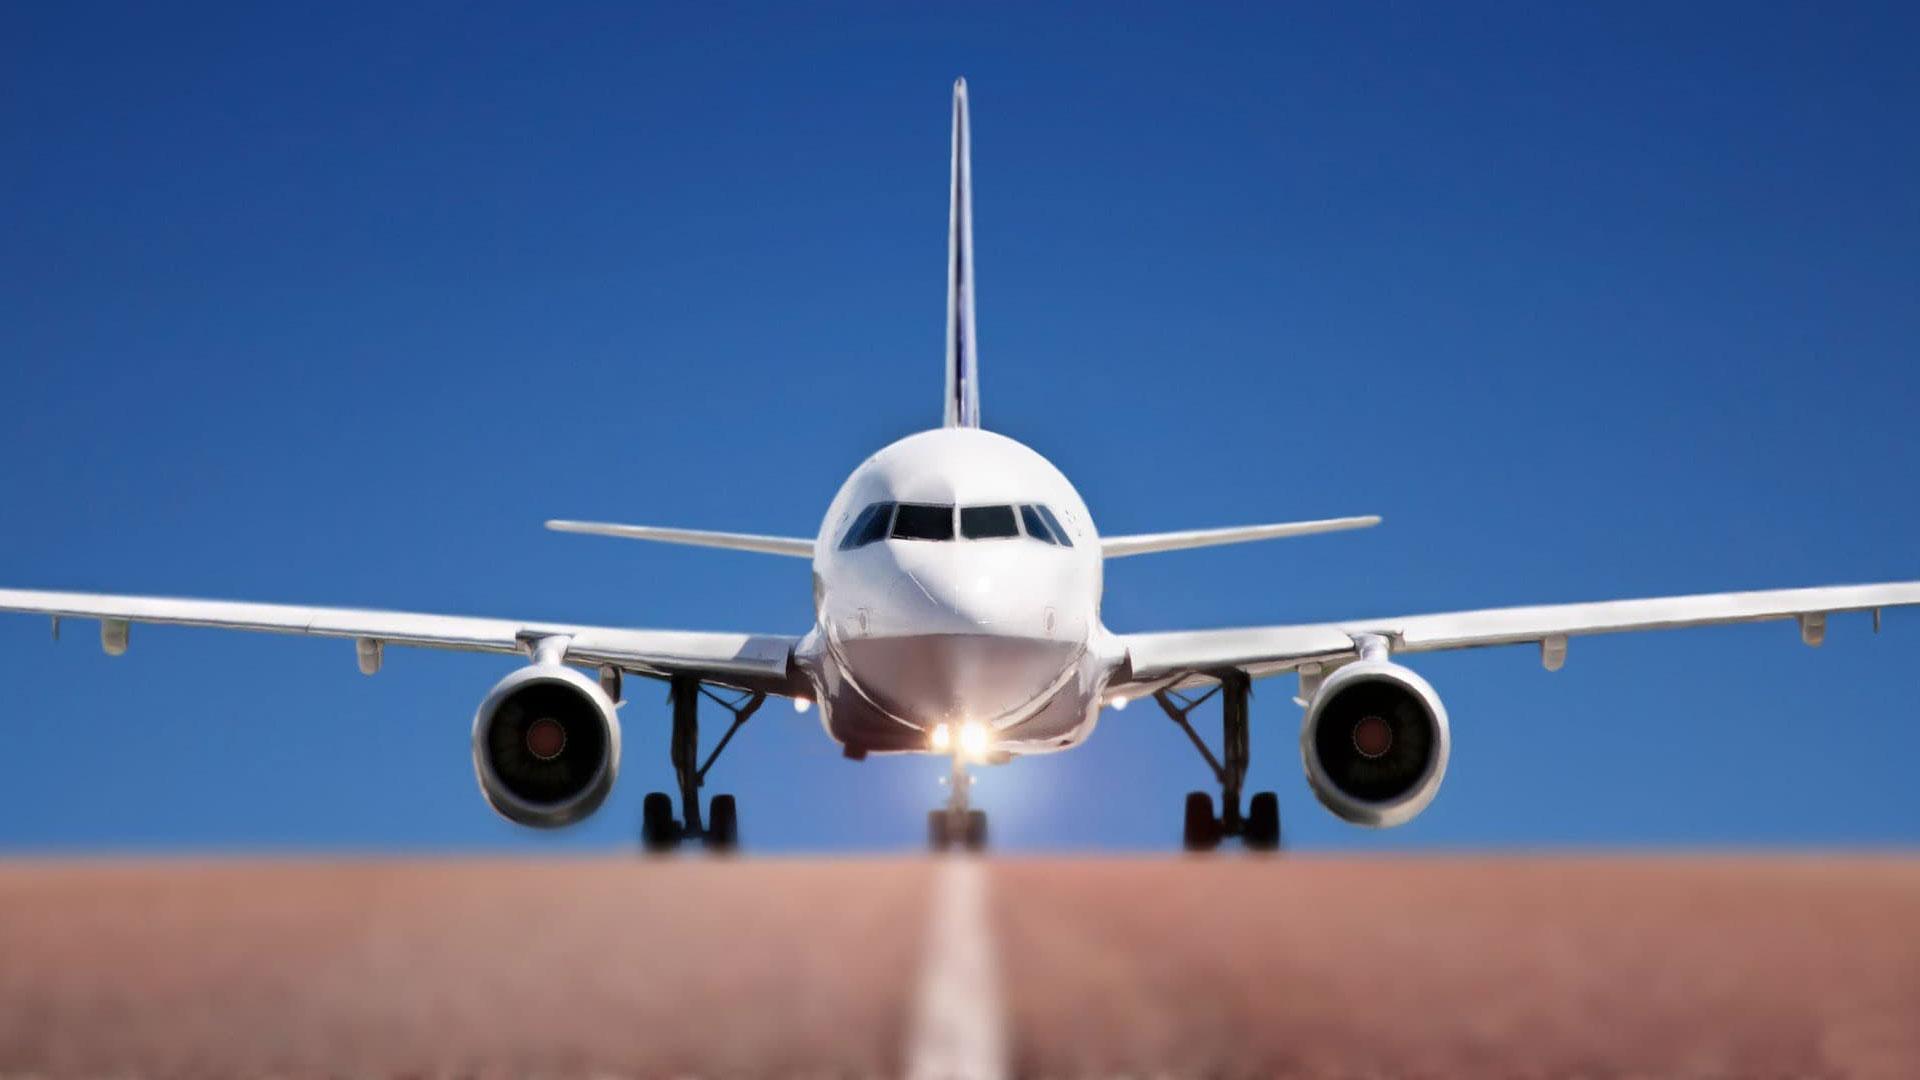 از آسمان با عشق / مستند «عصر هواپیماها»؛ عصر طلایی ما با هواپیماها